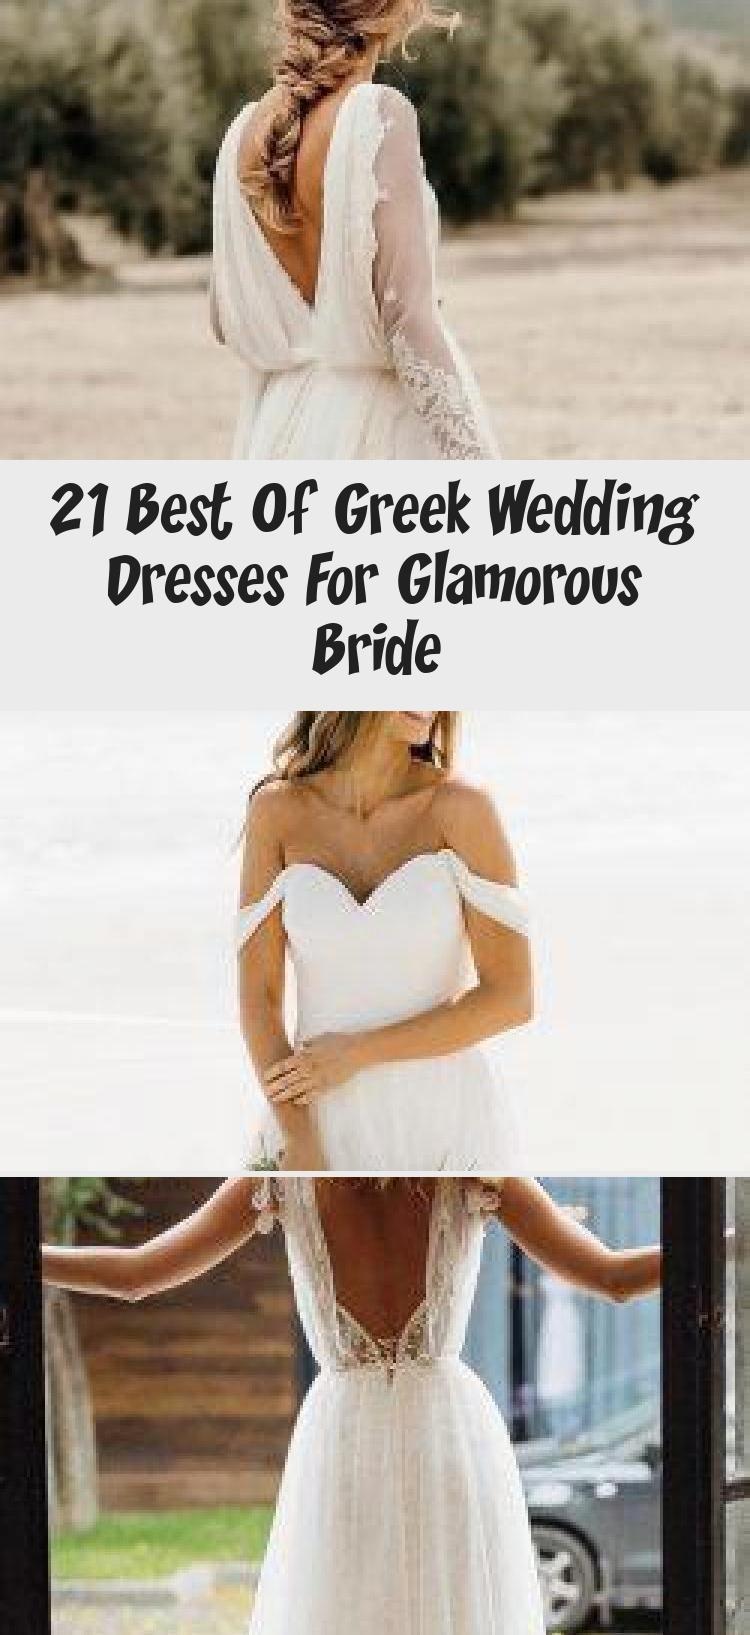 21 Best Of Greek Wedding Dresses For Glamorous Bride - Clothing & Dress #greekweddingdresses 21 Best Of Greek Wedding Dresses For Glamorous Bride | Wedding Forward #weddingdressesguestPants #weddingdressesguestChic #Autumnweddingdressesguest #weddingdressesguest2018 #Augustweddingdressesguest #greekweddingdresses